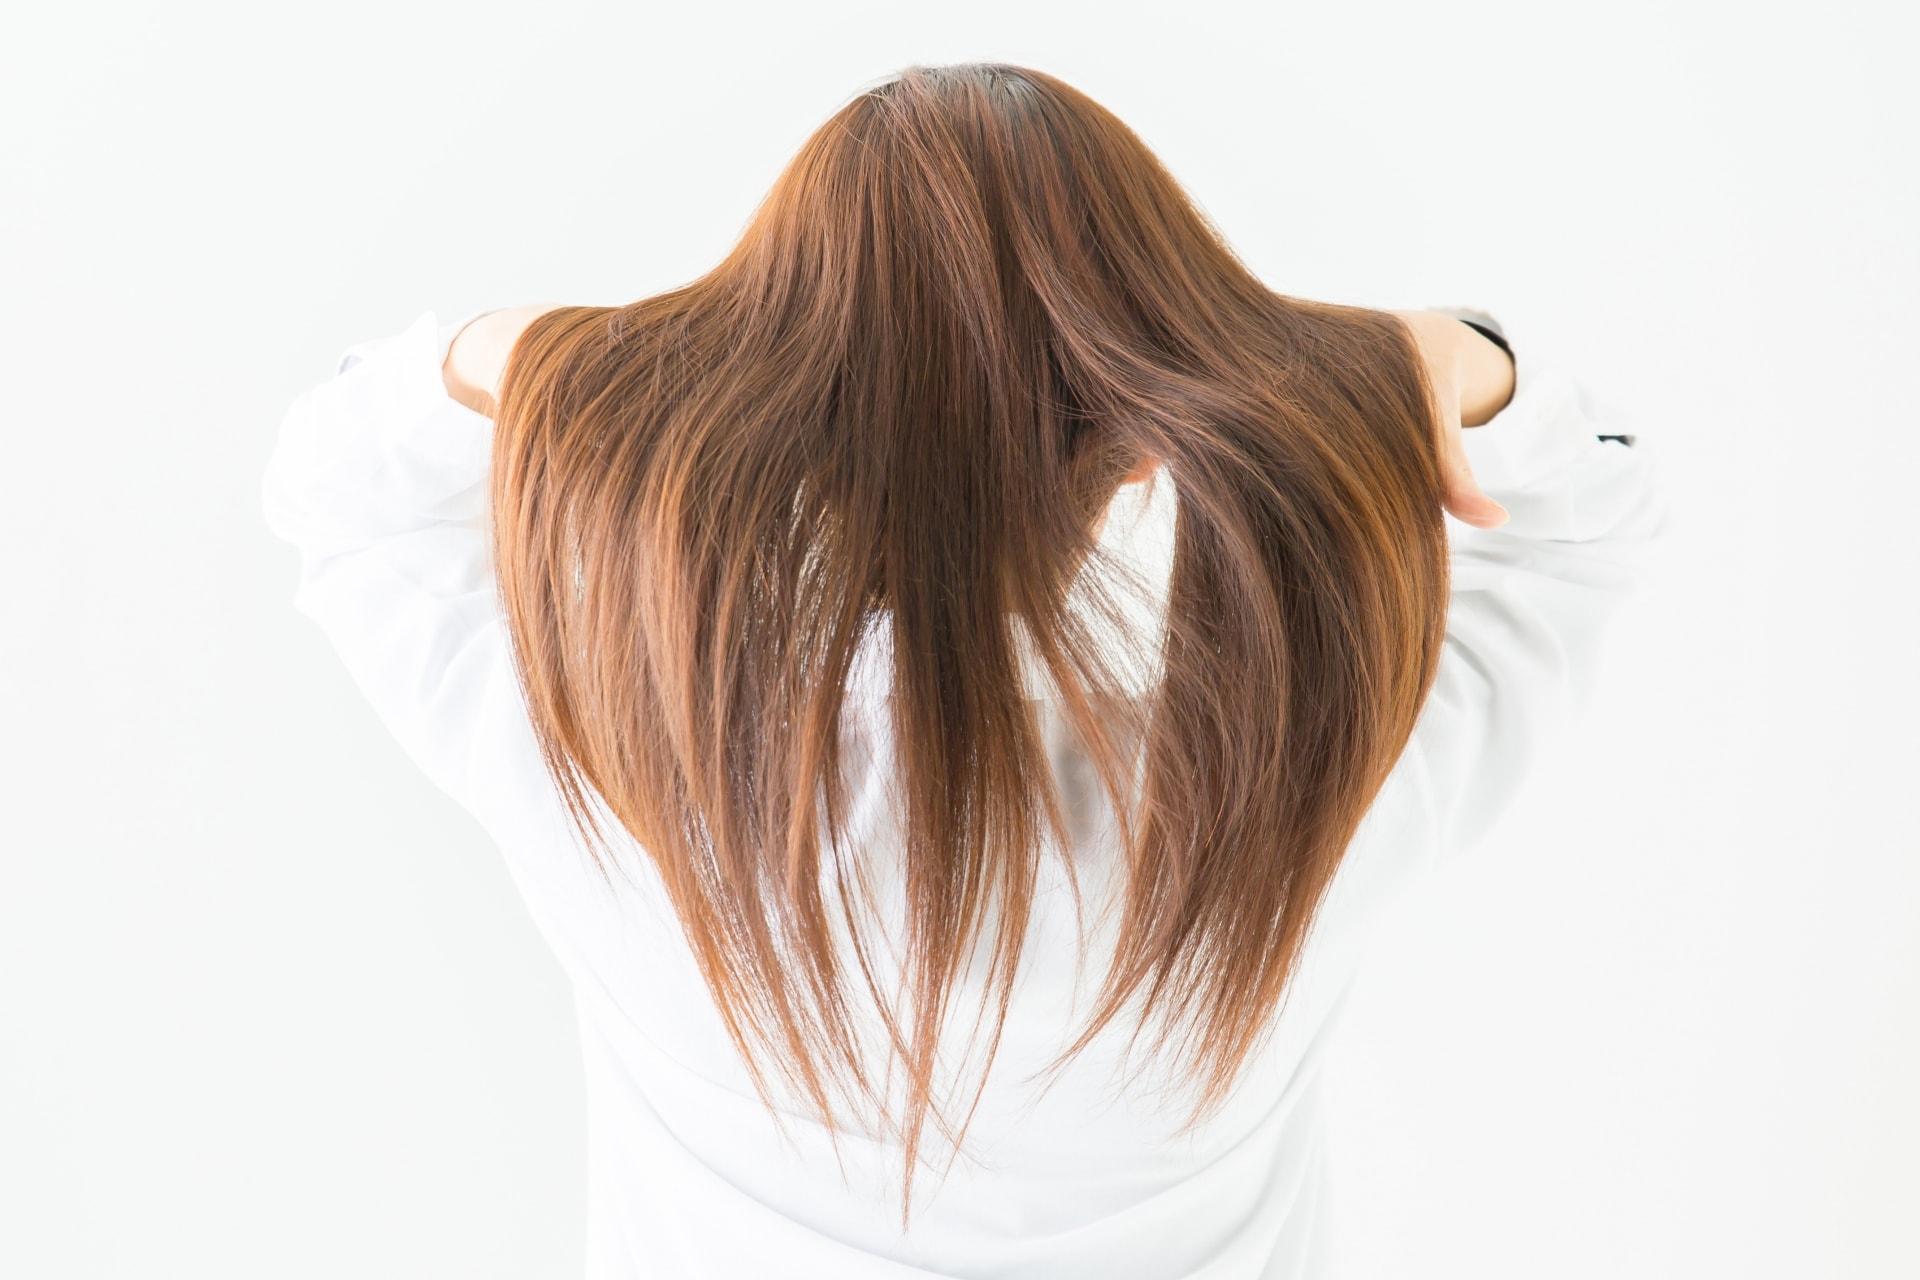 【女性の薄毛】ホルモンバランスで薄毛が改善